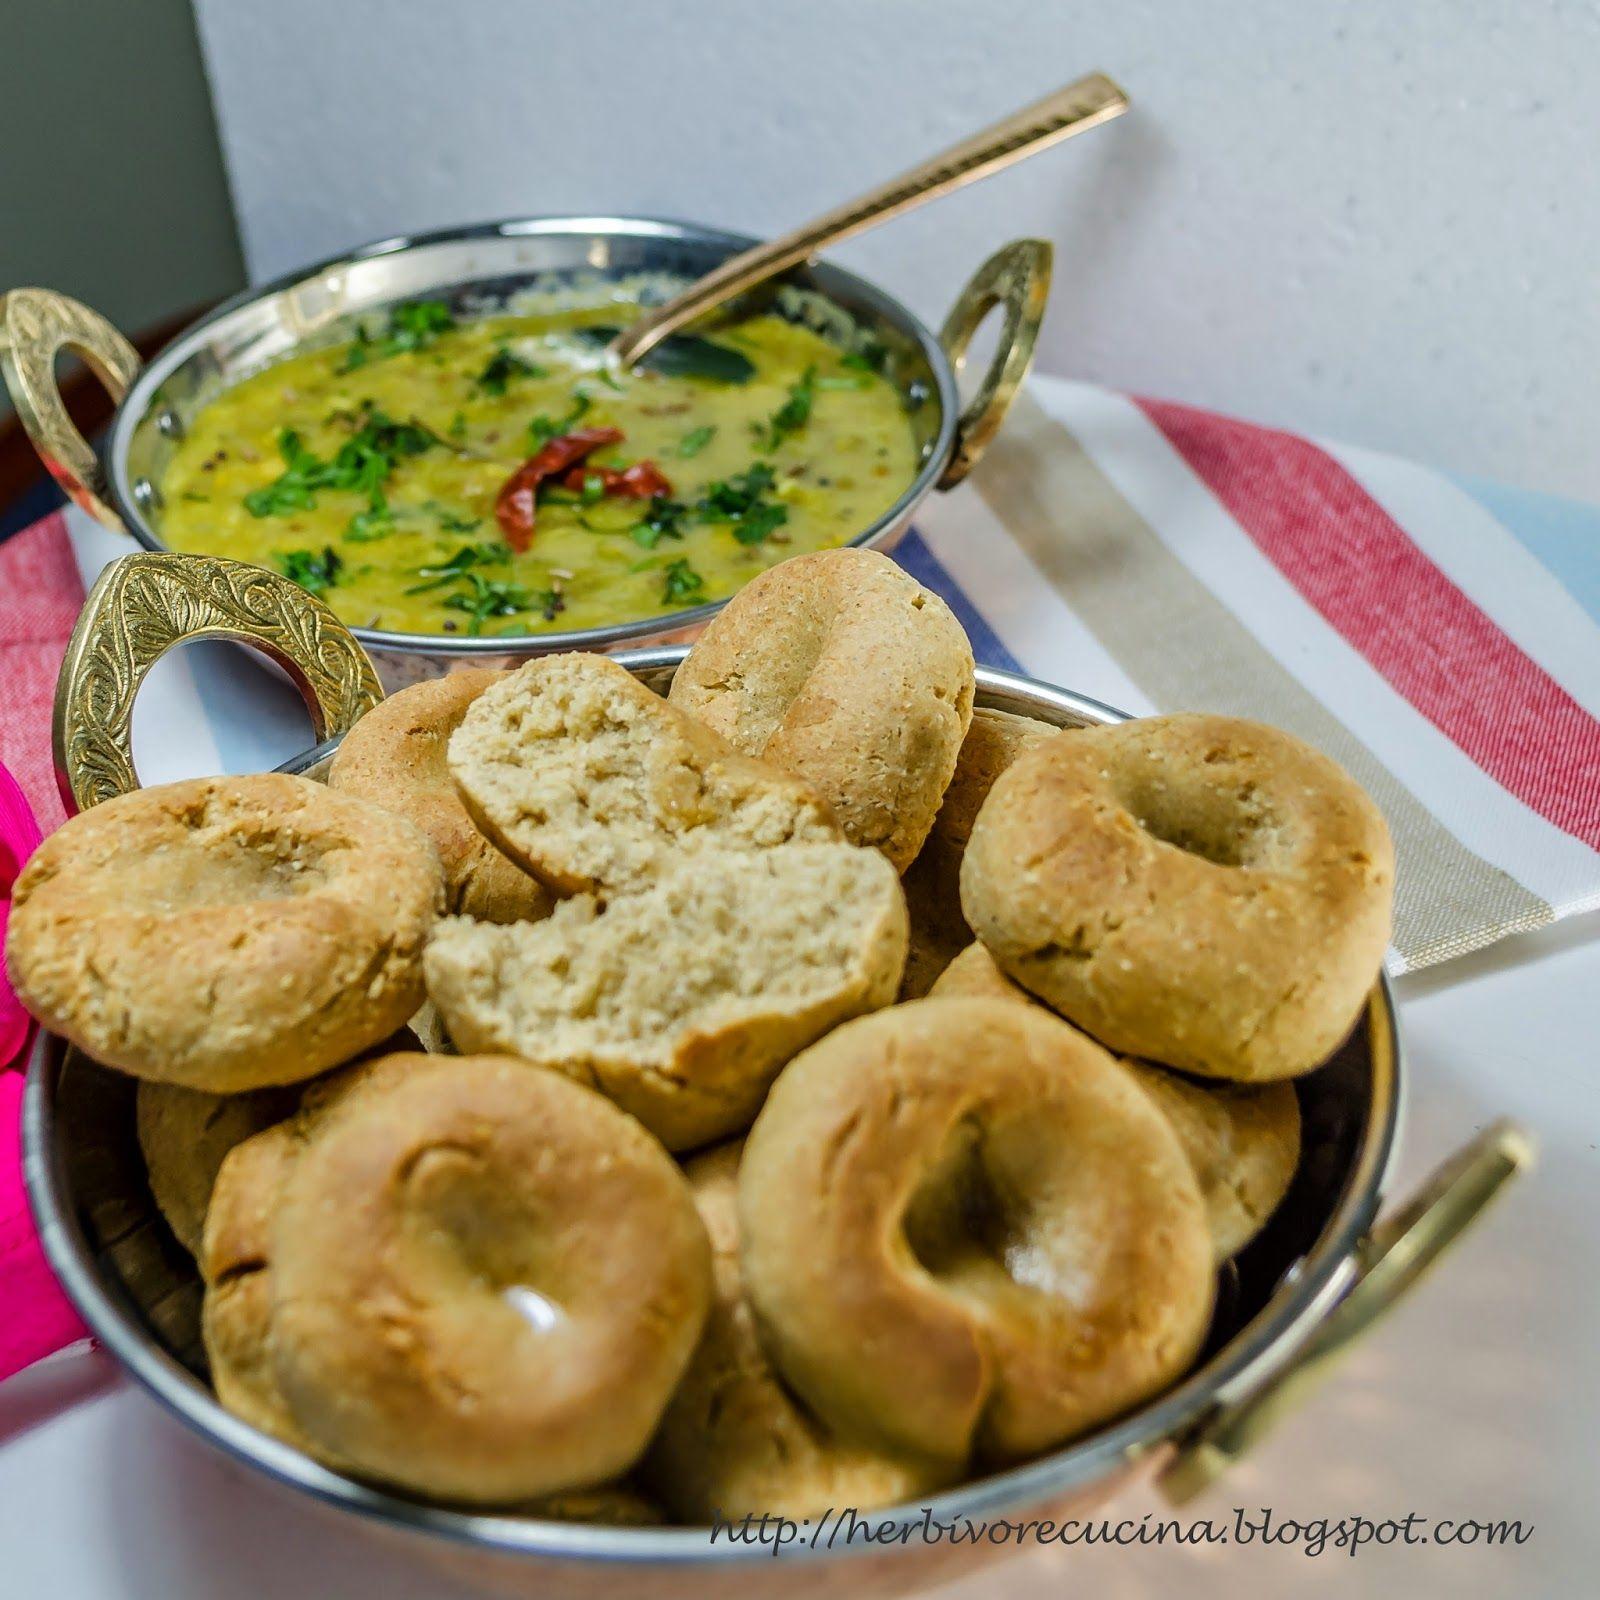 Rajasthani Baati Rajasthani Food Food Indian Food Recipes